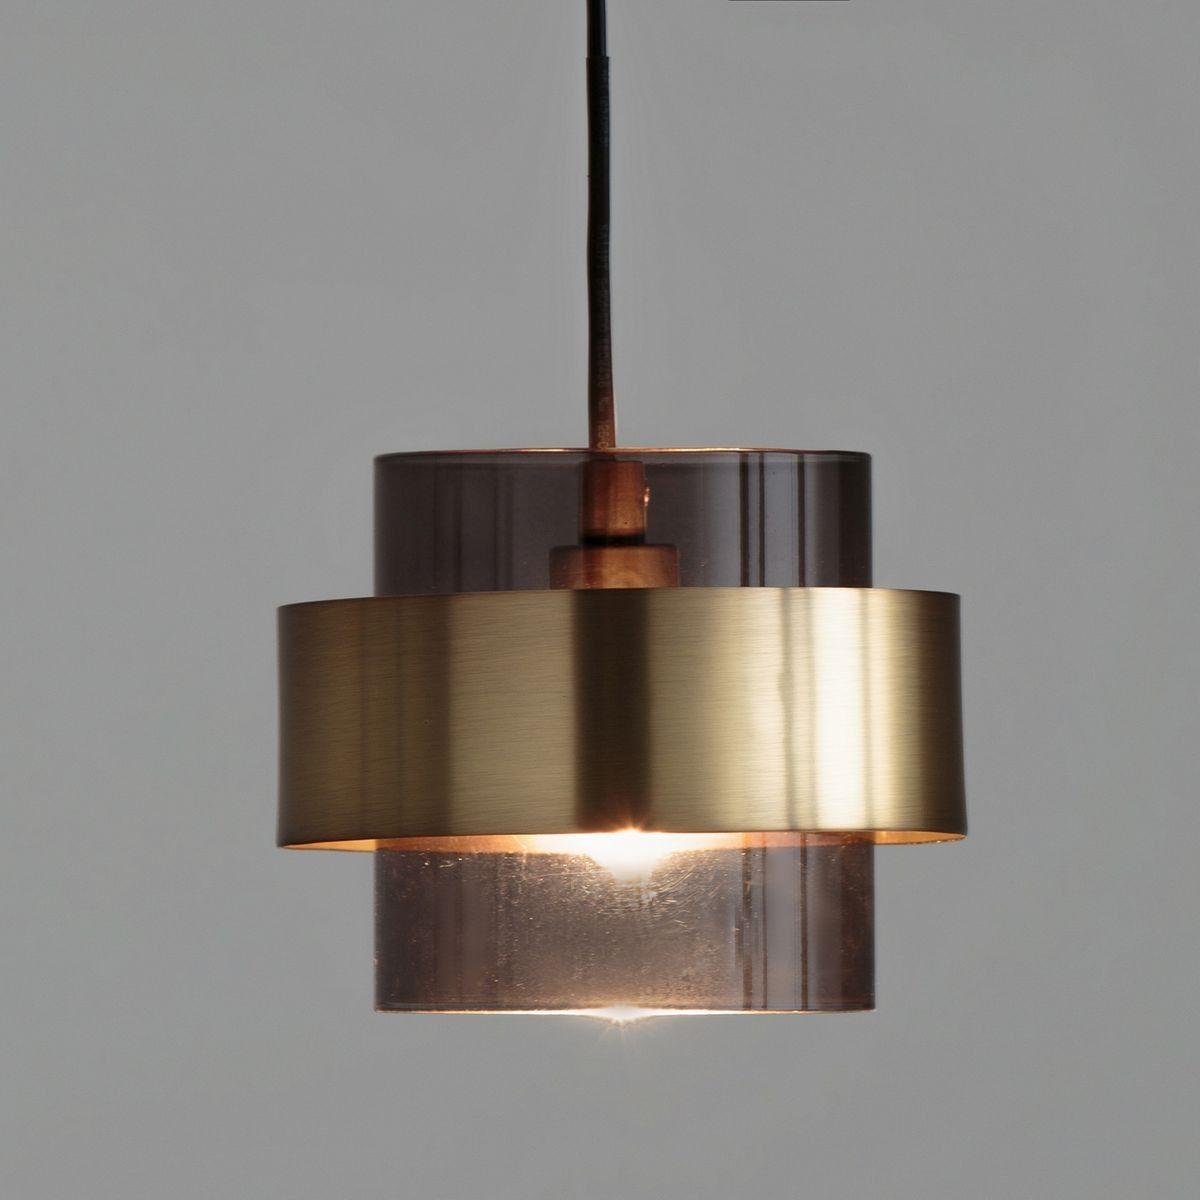 La Suspension En Verre Fume Et Metal Finition Laiton Botello Habillez Votre Interieur D Un Luminaire Suspension Verre Luminaire Suspendu Appliques En Laiton